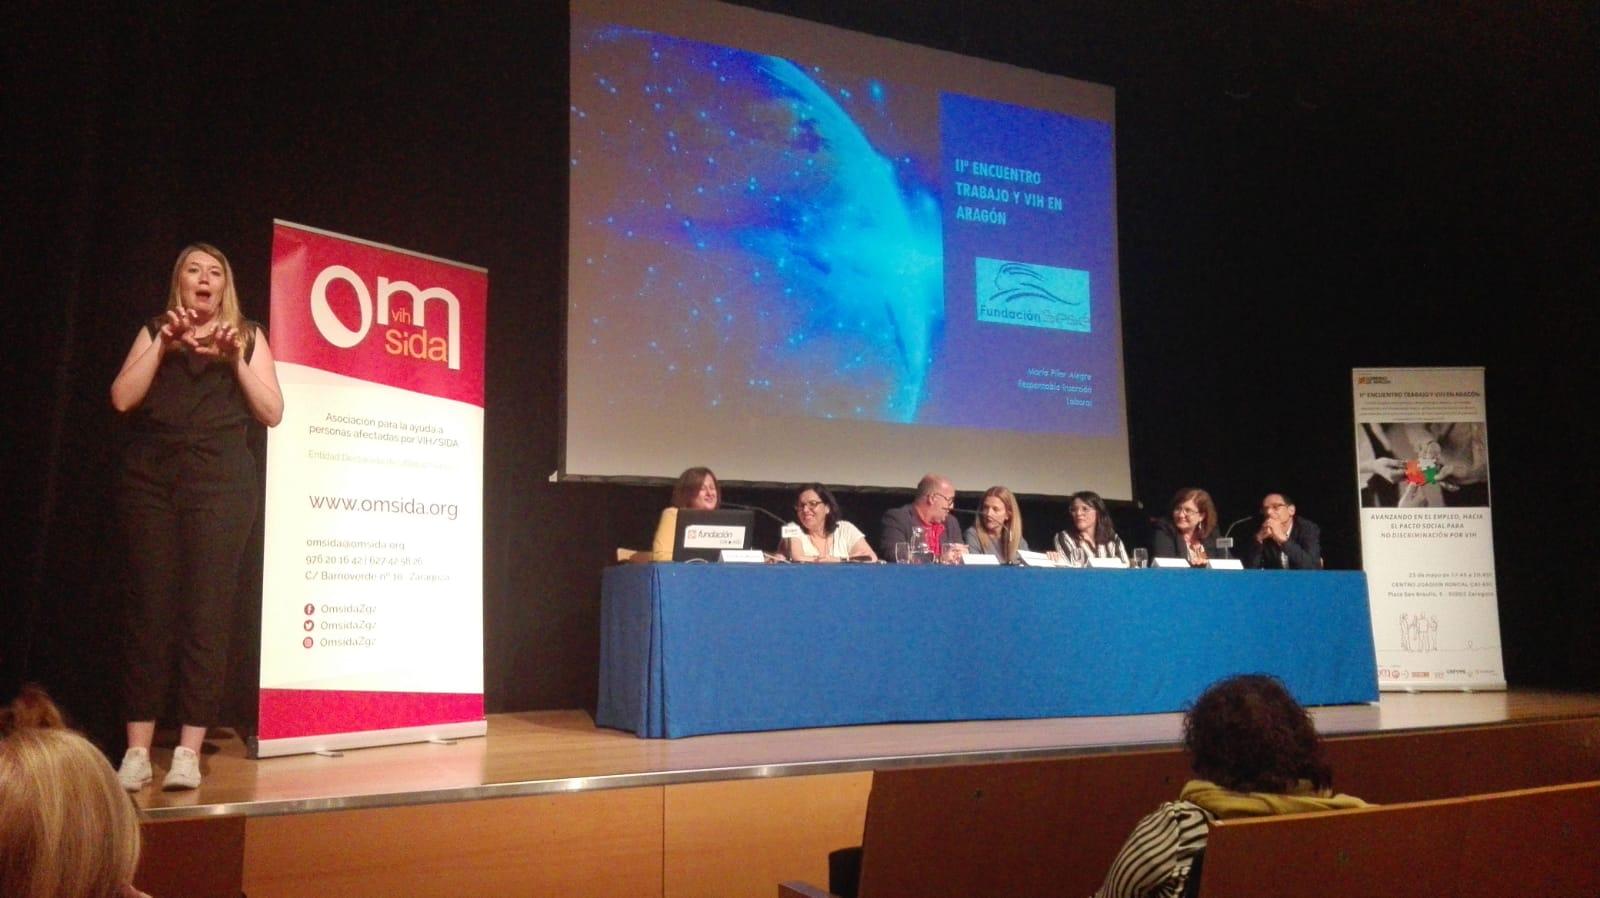 Fundación Sesé participó en el II Encuentro de trabajo y VIH en Aragón